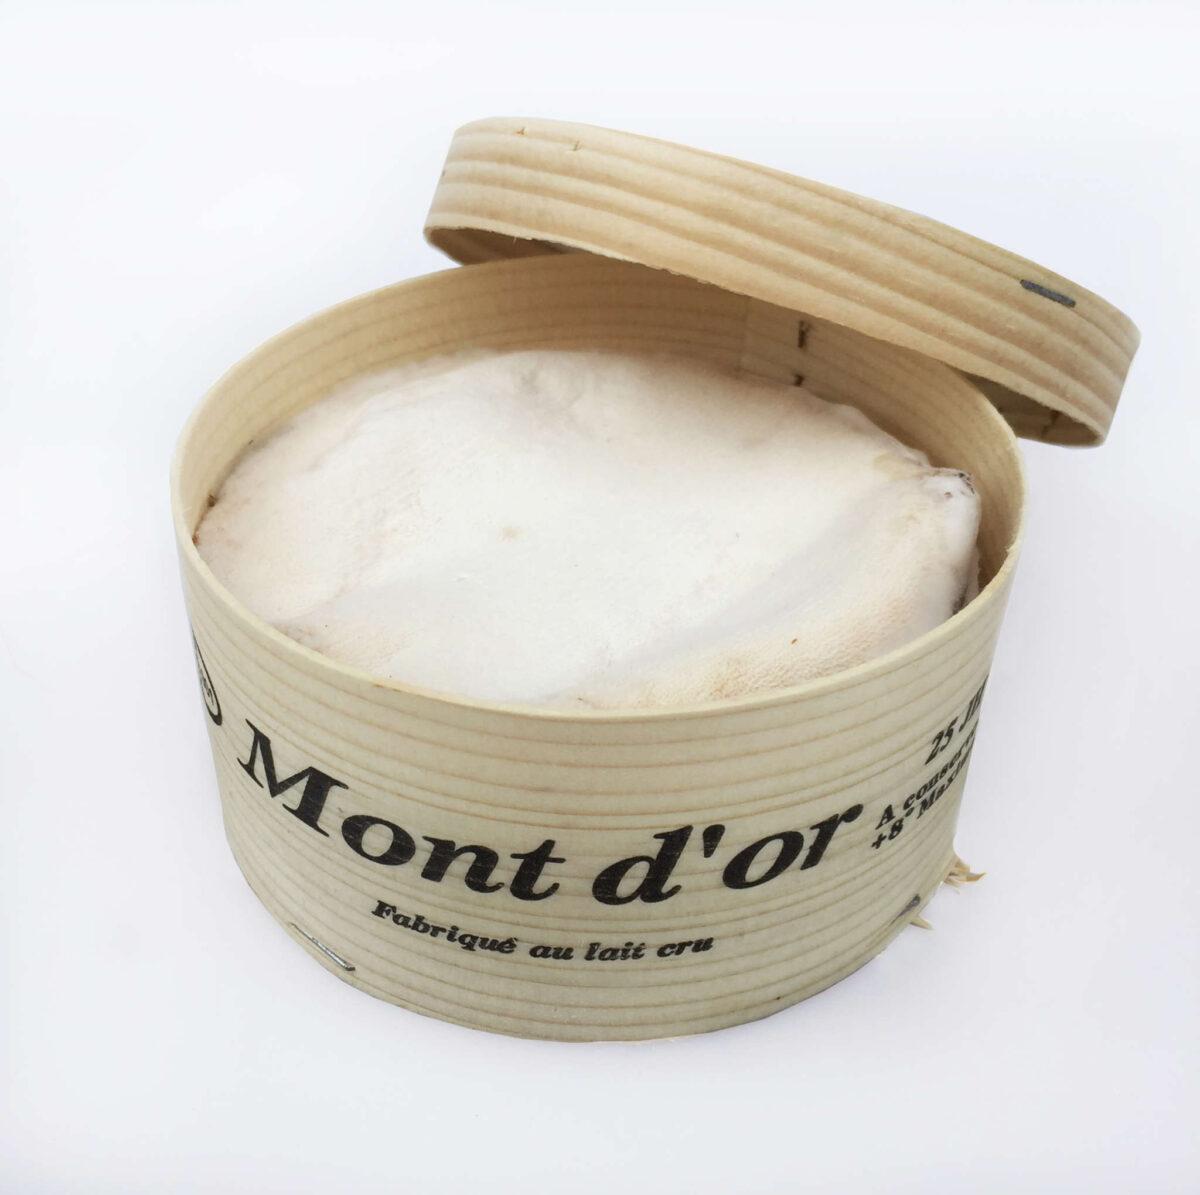 mont-dor-web2